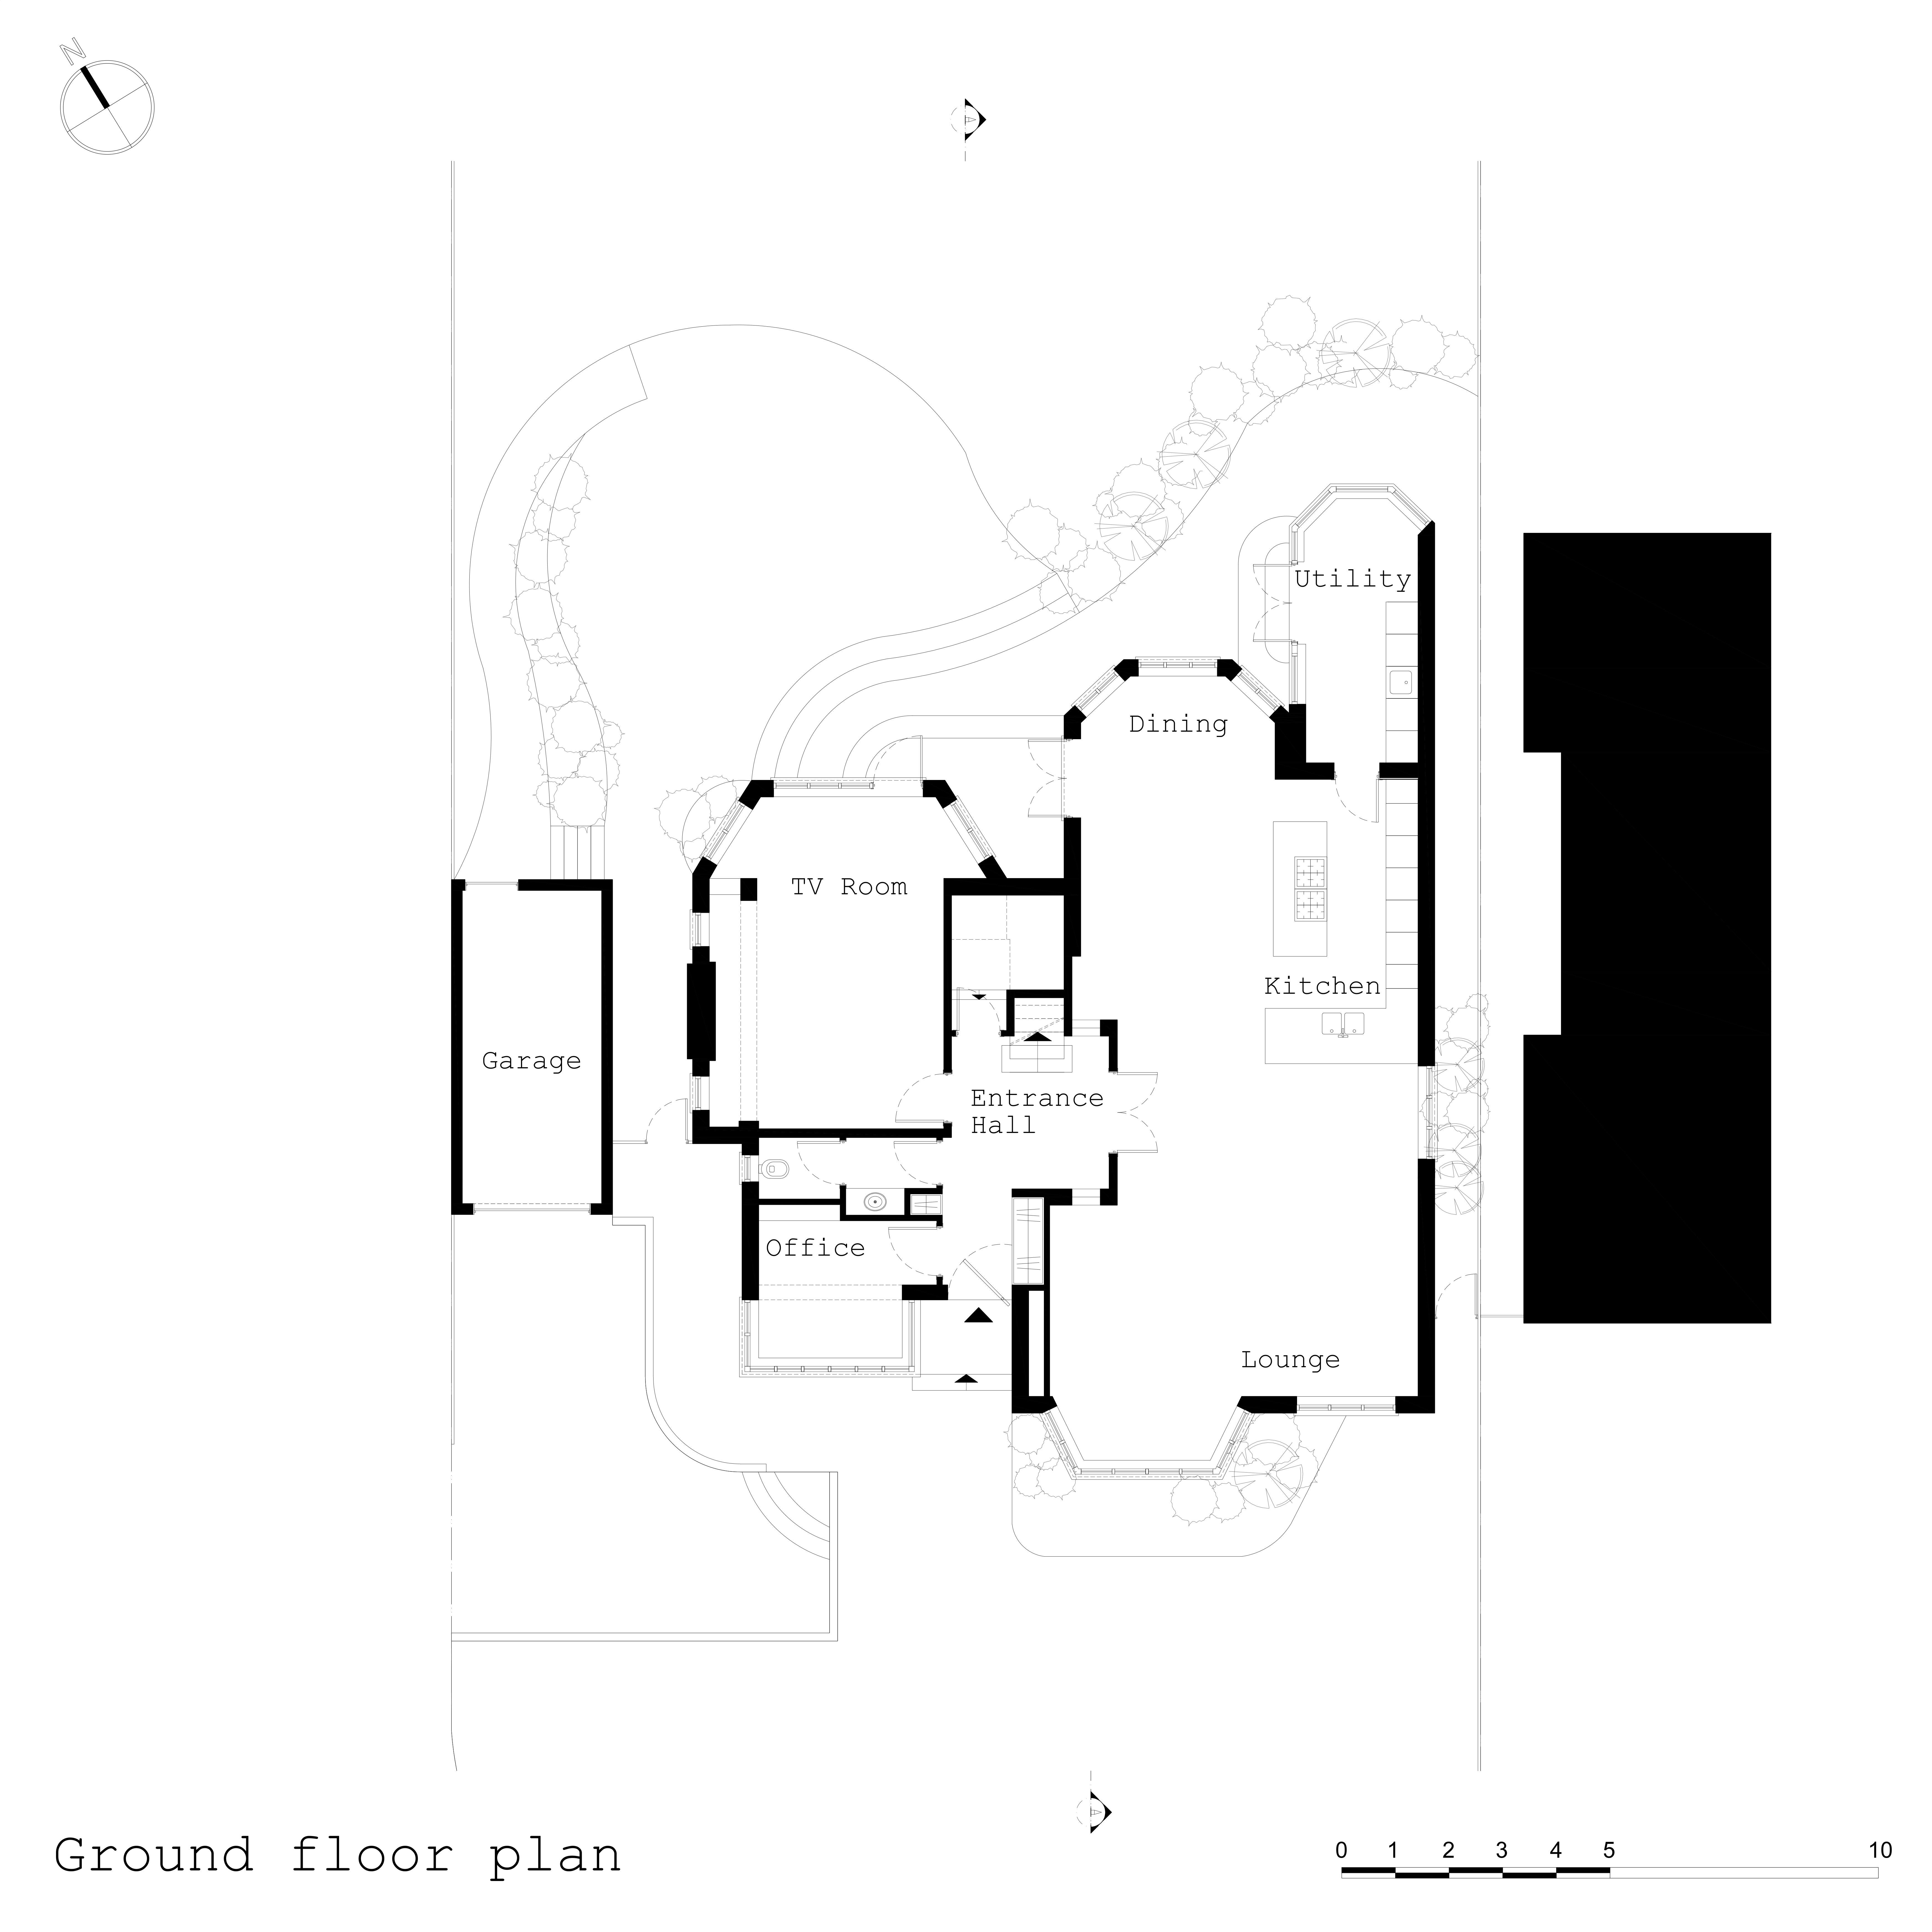 Groound Floor Plan